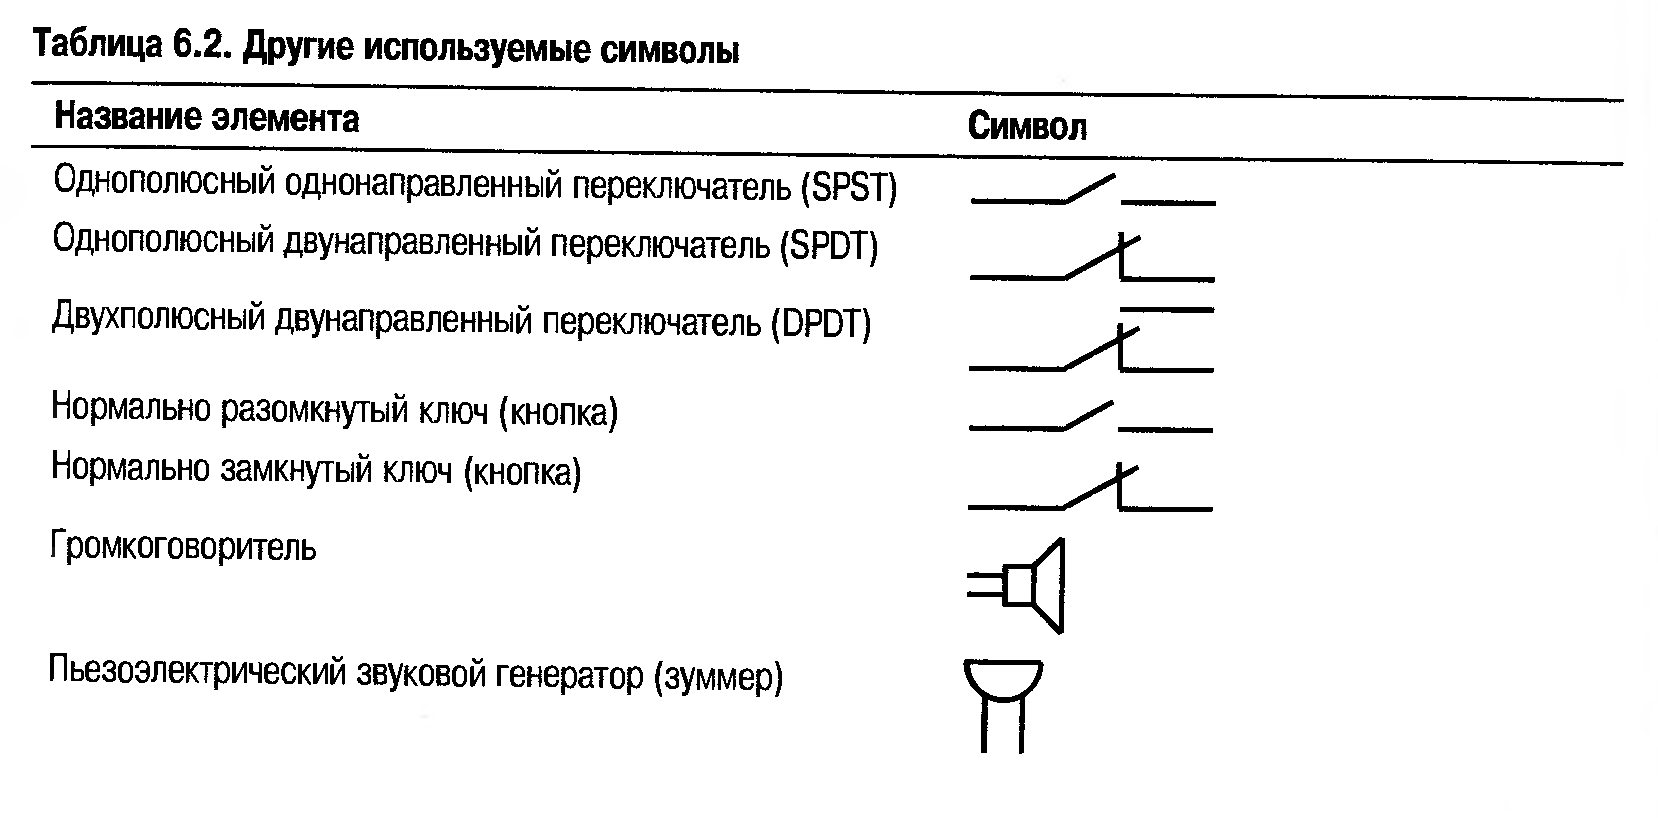 схема для ковровой техники размерами 140 на 180 клеток